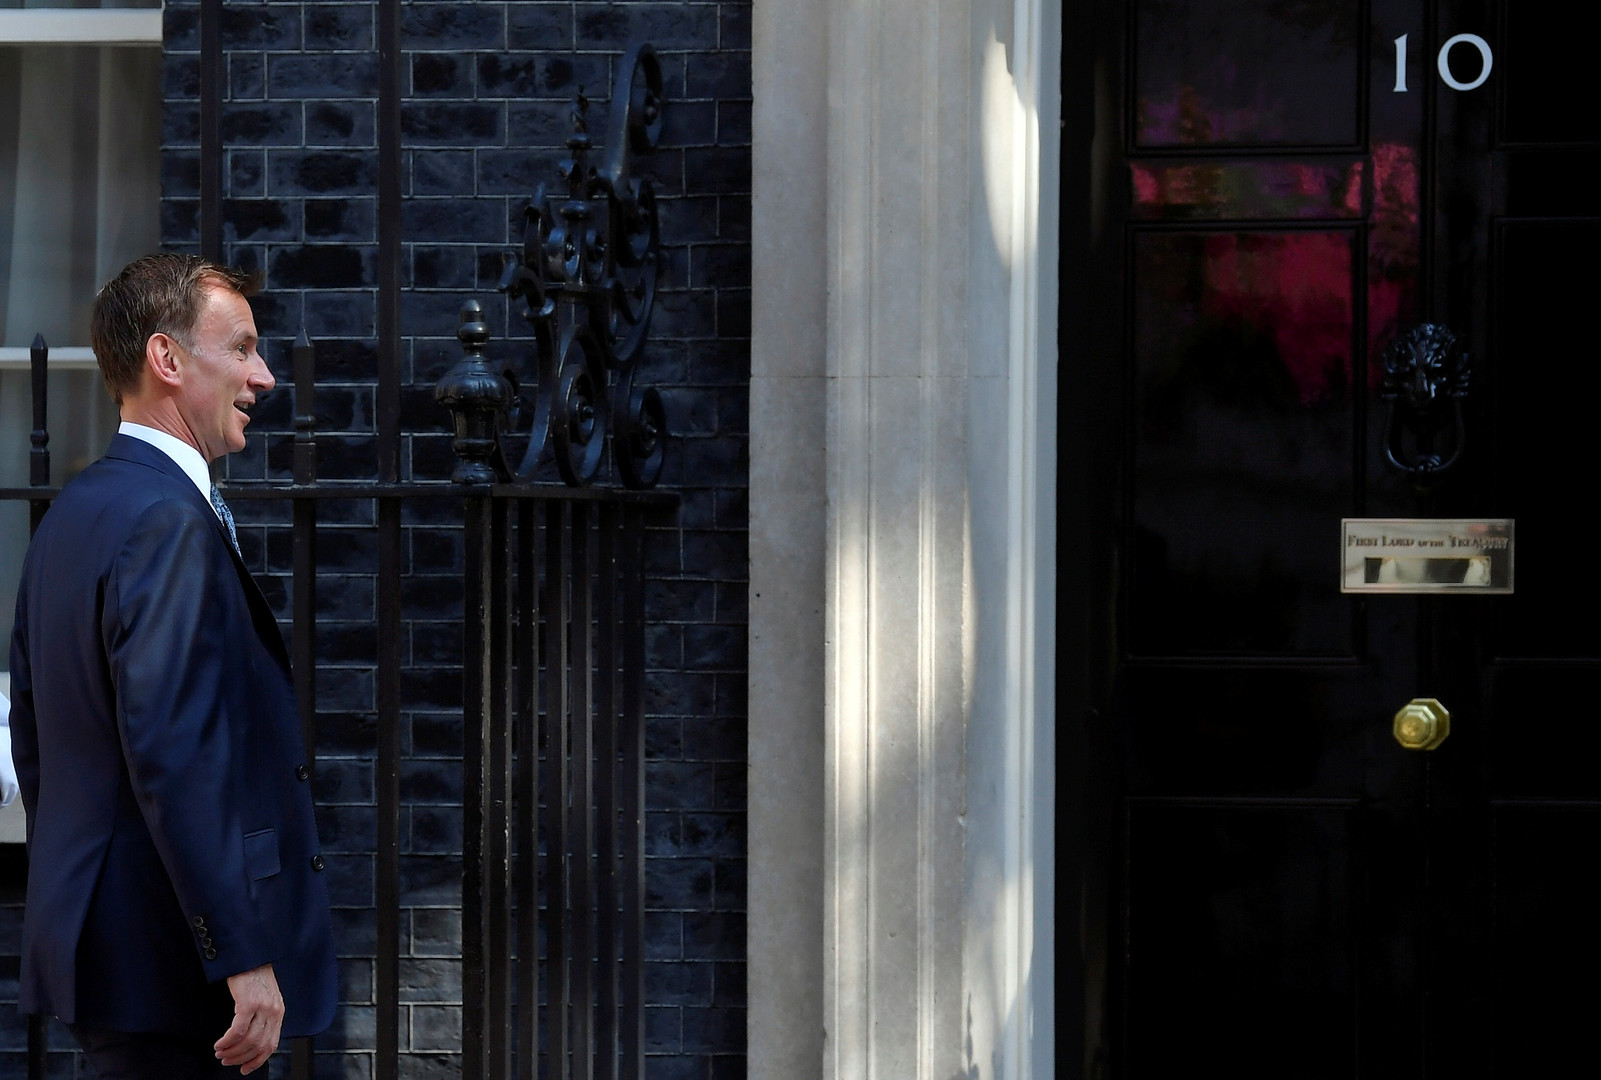 بريطانيا تهيب بسفنها الابتعاد عن هرمز وهانت يحذر